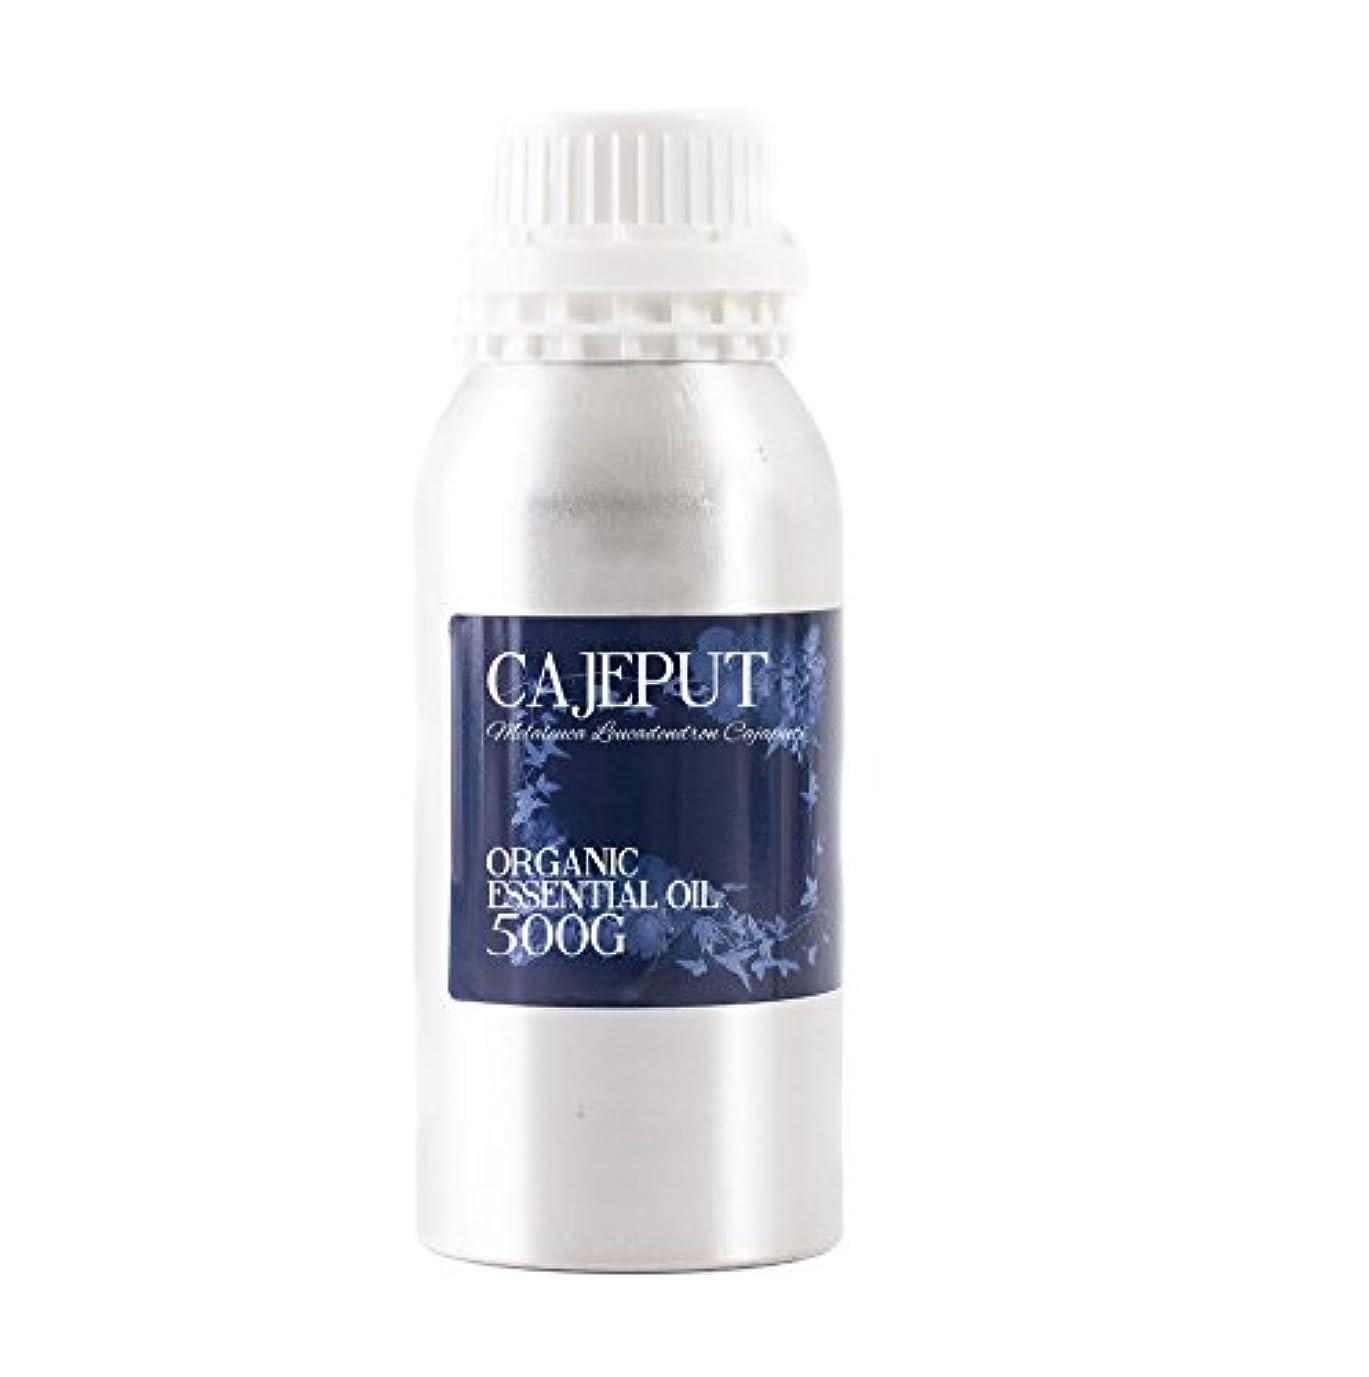 コンベンション音楽家ずんぐりしたMystic Moments | Cajeput Organic Essential Oil - 500g - 100% Pure